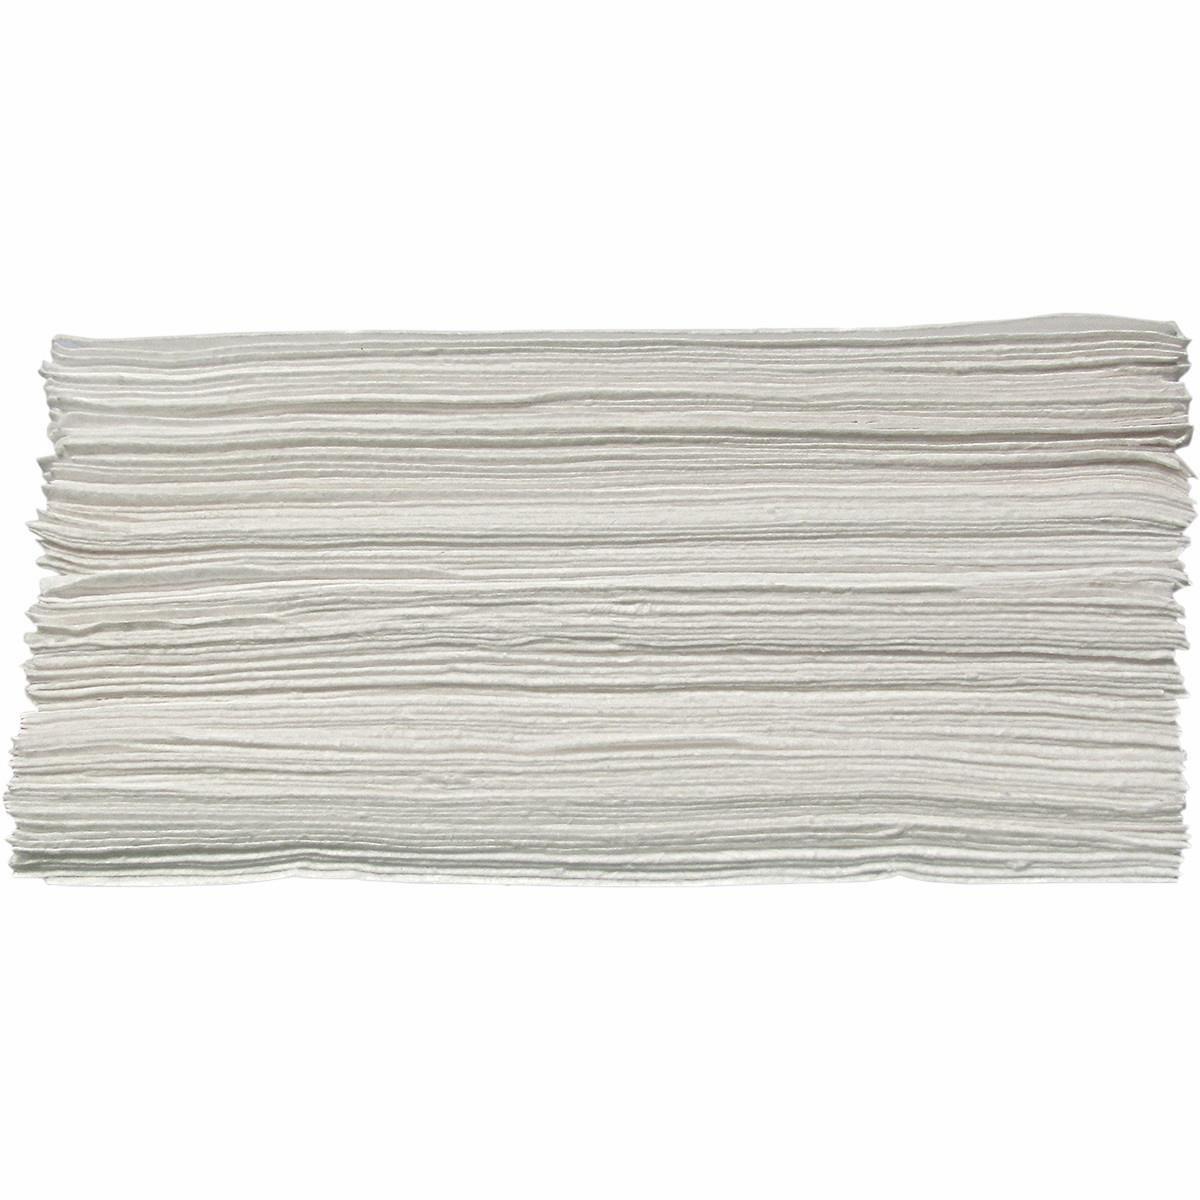 BILGE PADS 18'' x 19'' 200 per pack